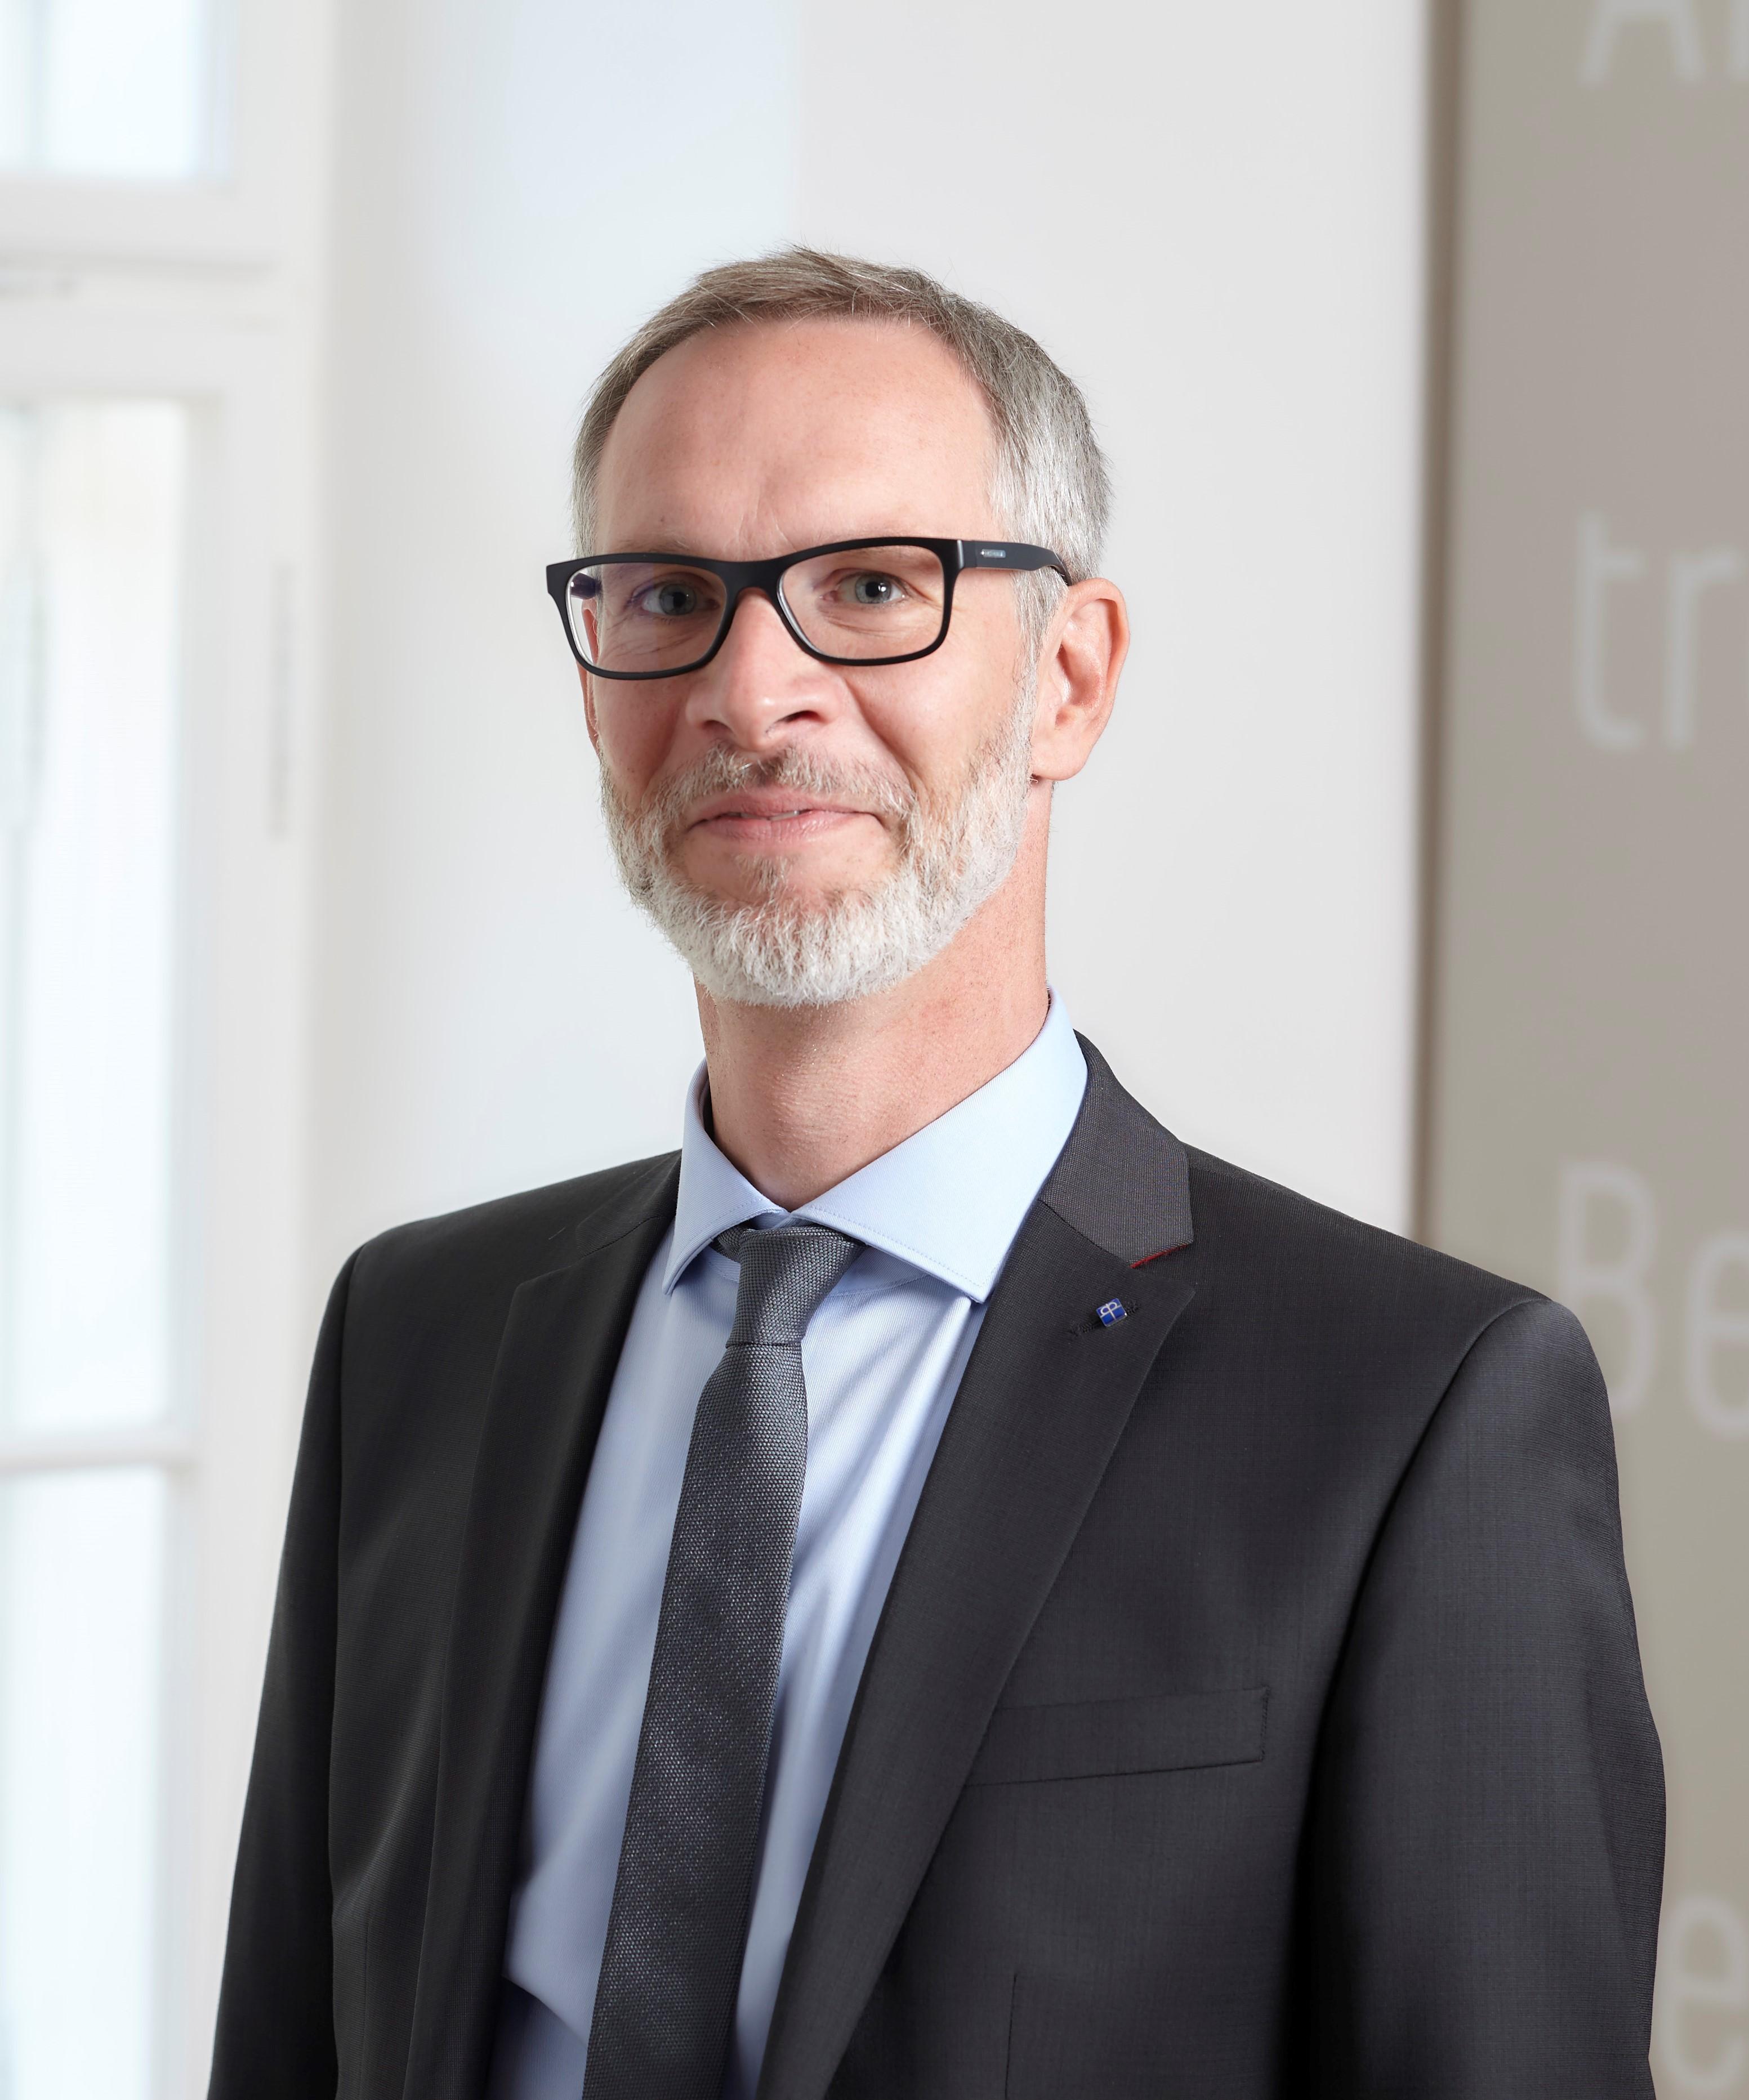 Mag. Gerhard Breitenberger MA, Mitglied im wissenschaftlich-kulturellen Beirat von ISCO